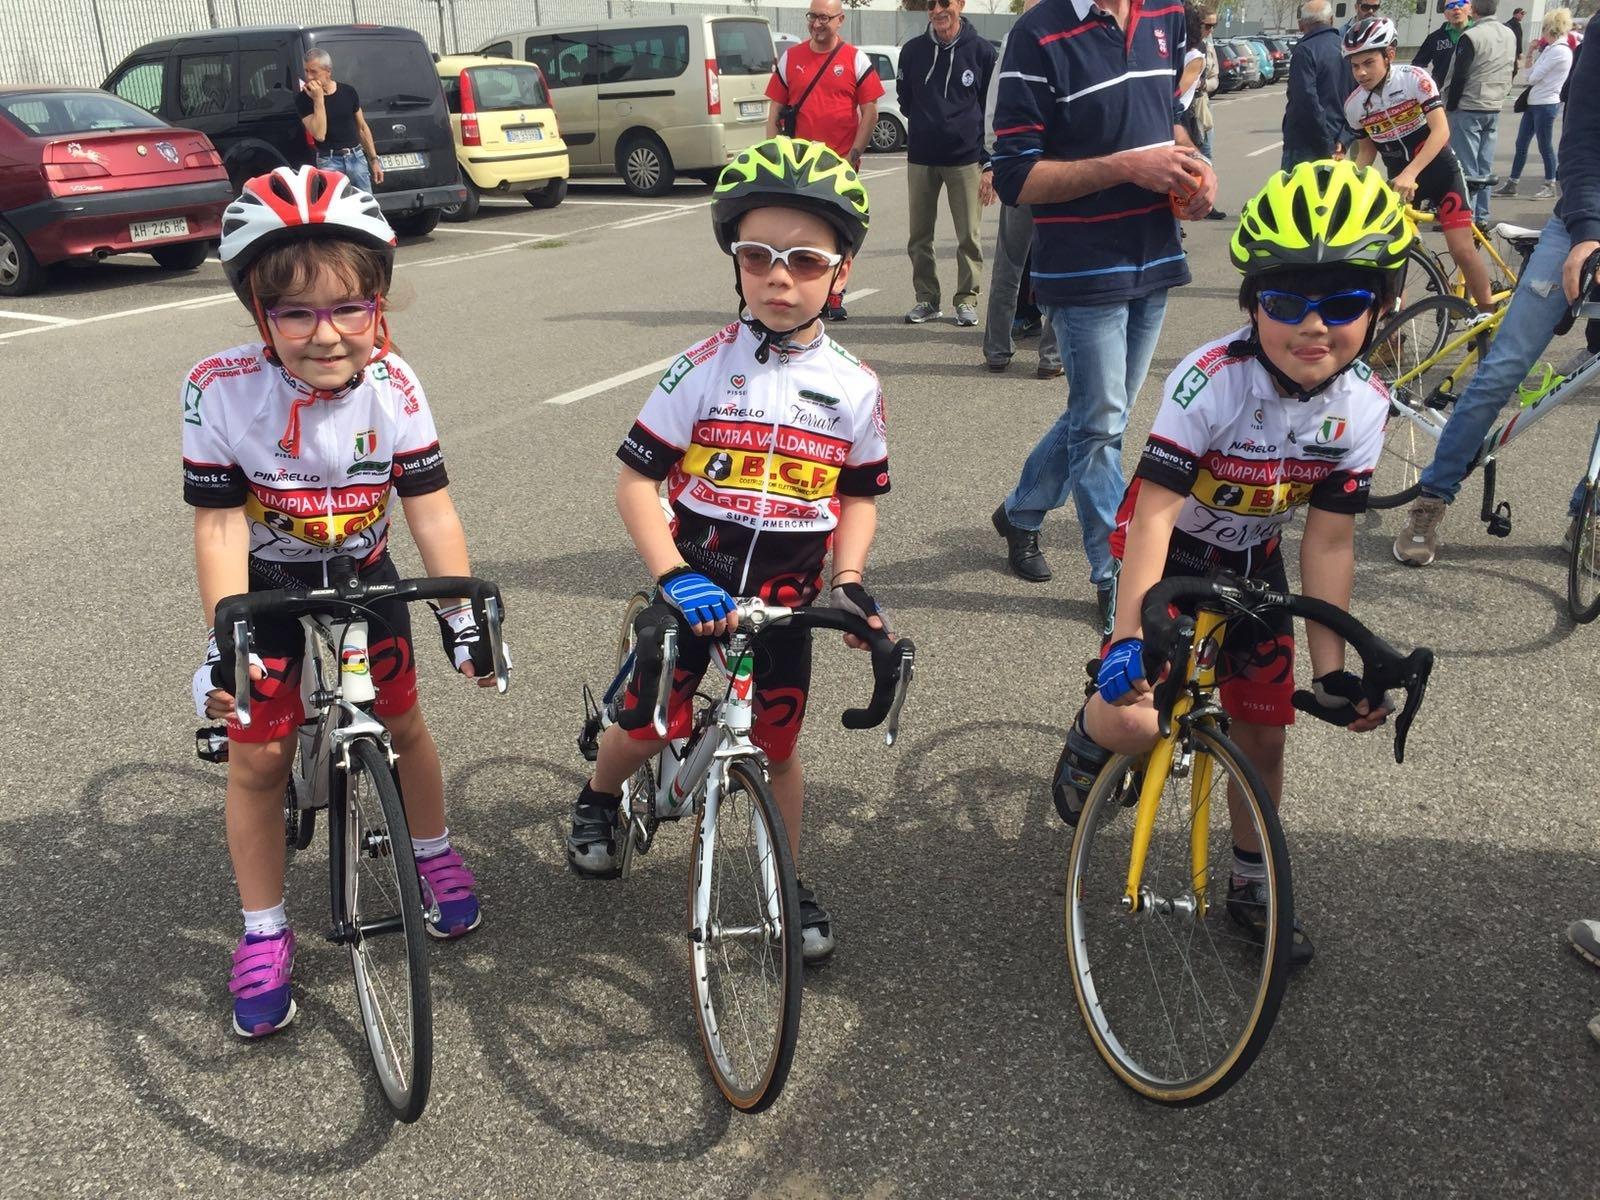 Al Trofeo Ciclodromo di Cavriglia piccoli ciclisti cortonesi in evidenza